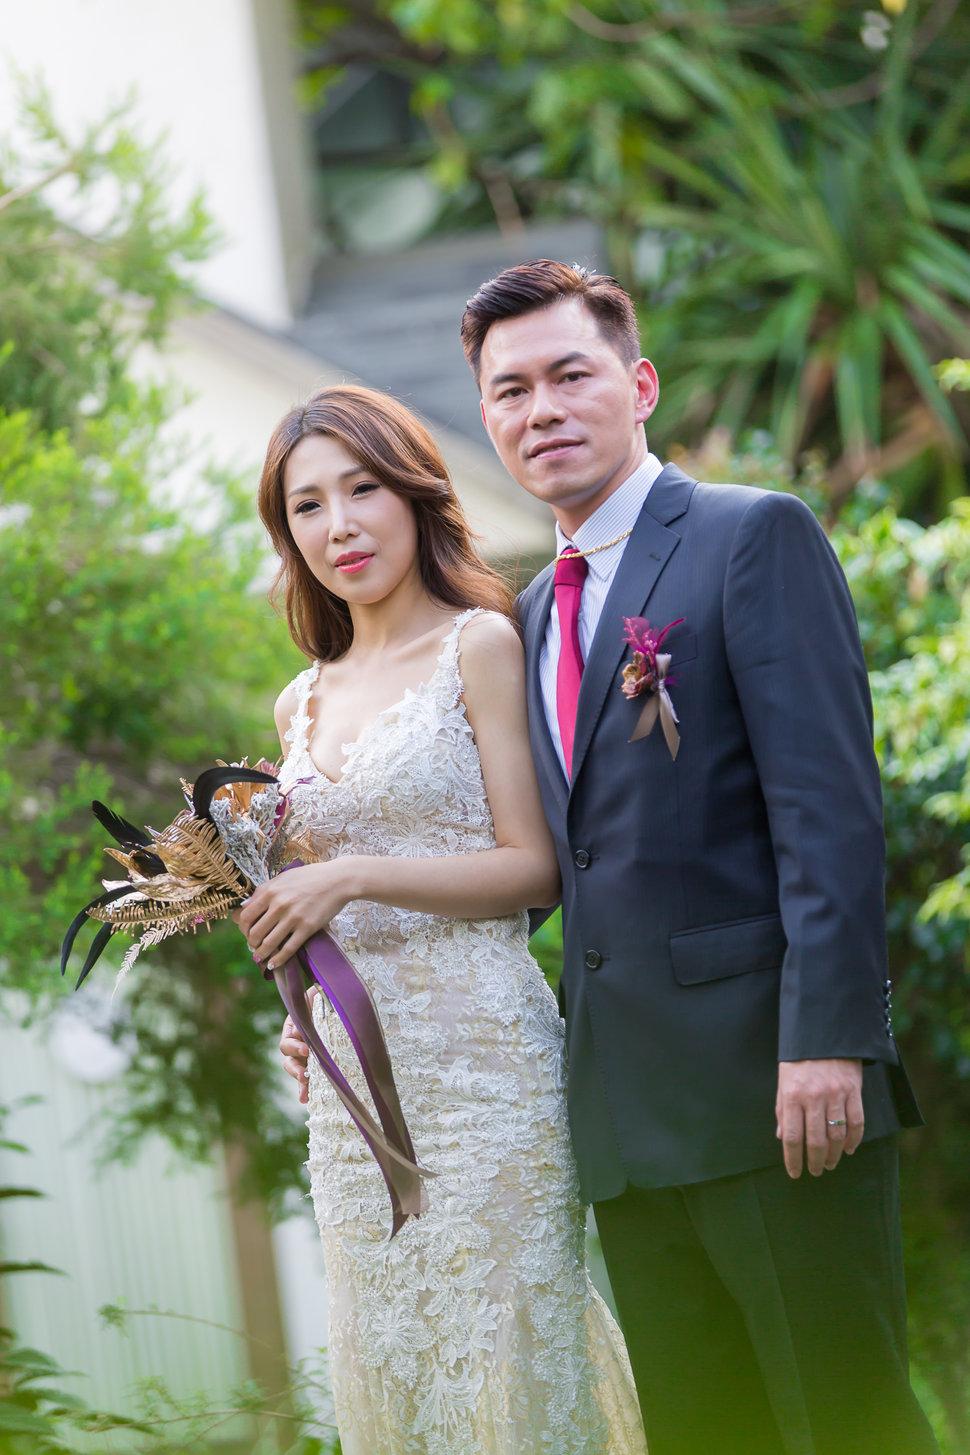 兆康&鈴芳_婚儀_新莊香草花緣餐廳(編號:287593) - Baby Sweety Studio - 結婚吧